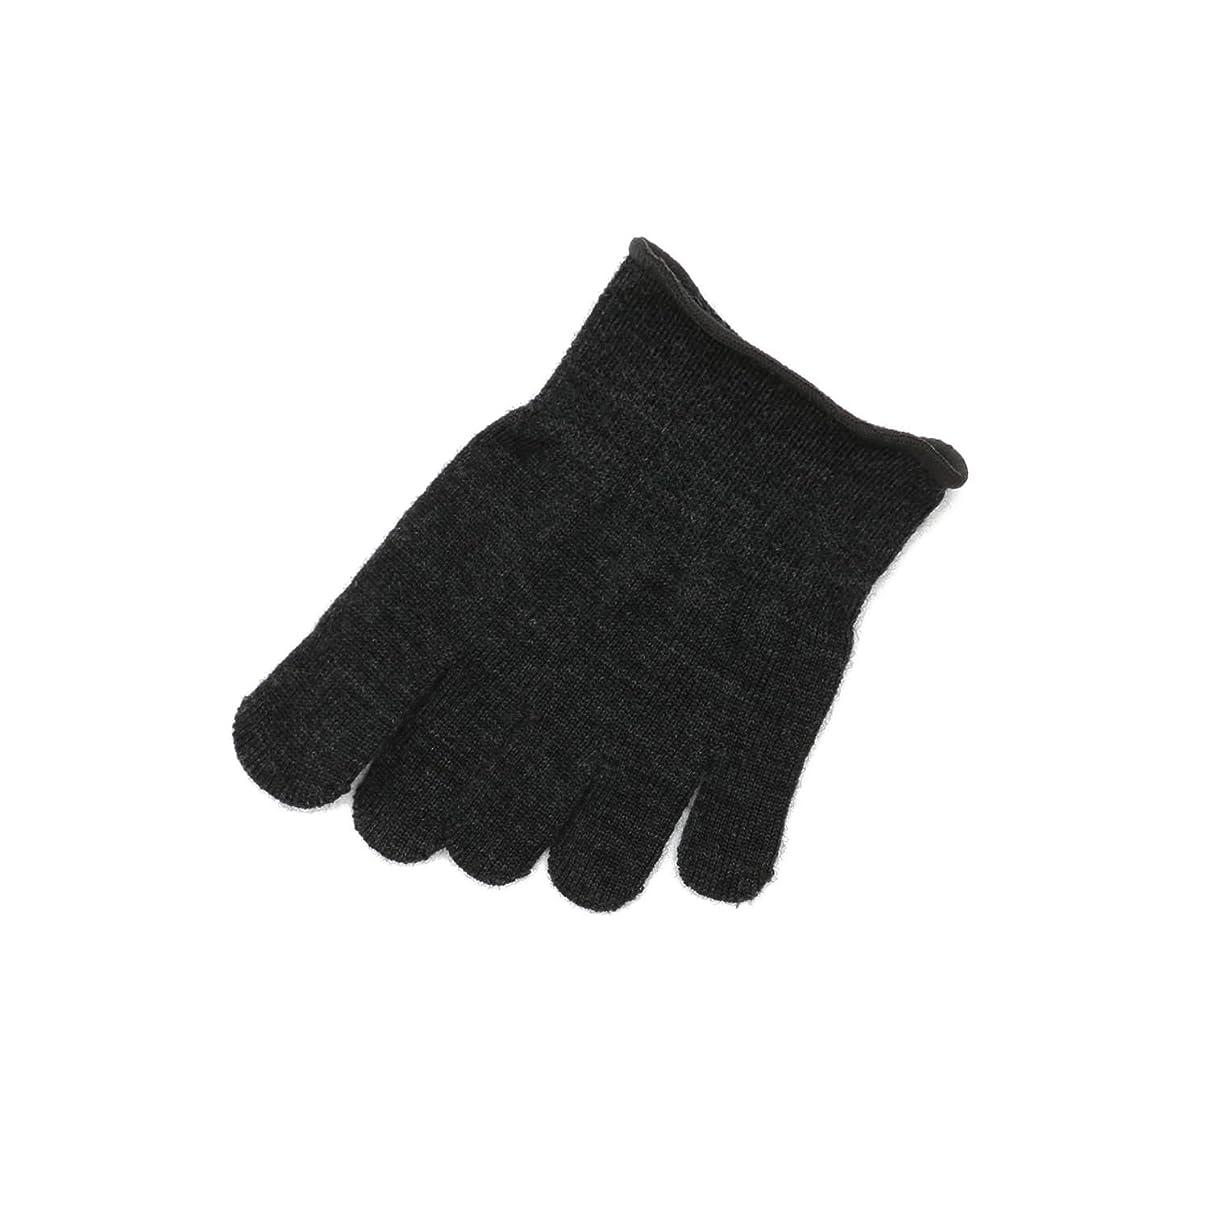 層おもてなしプレゼンテーション[Tabio]タビオ ウール重ね履き用つま先五本指ソックス【上質ウールの5本指】 22.0~24.0cm 日本製